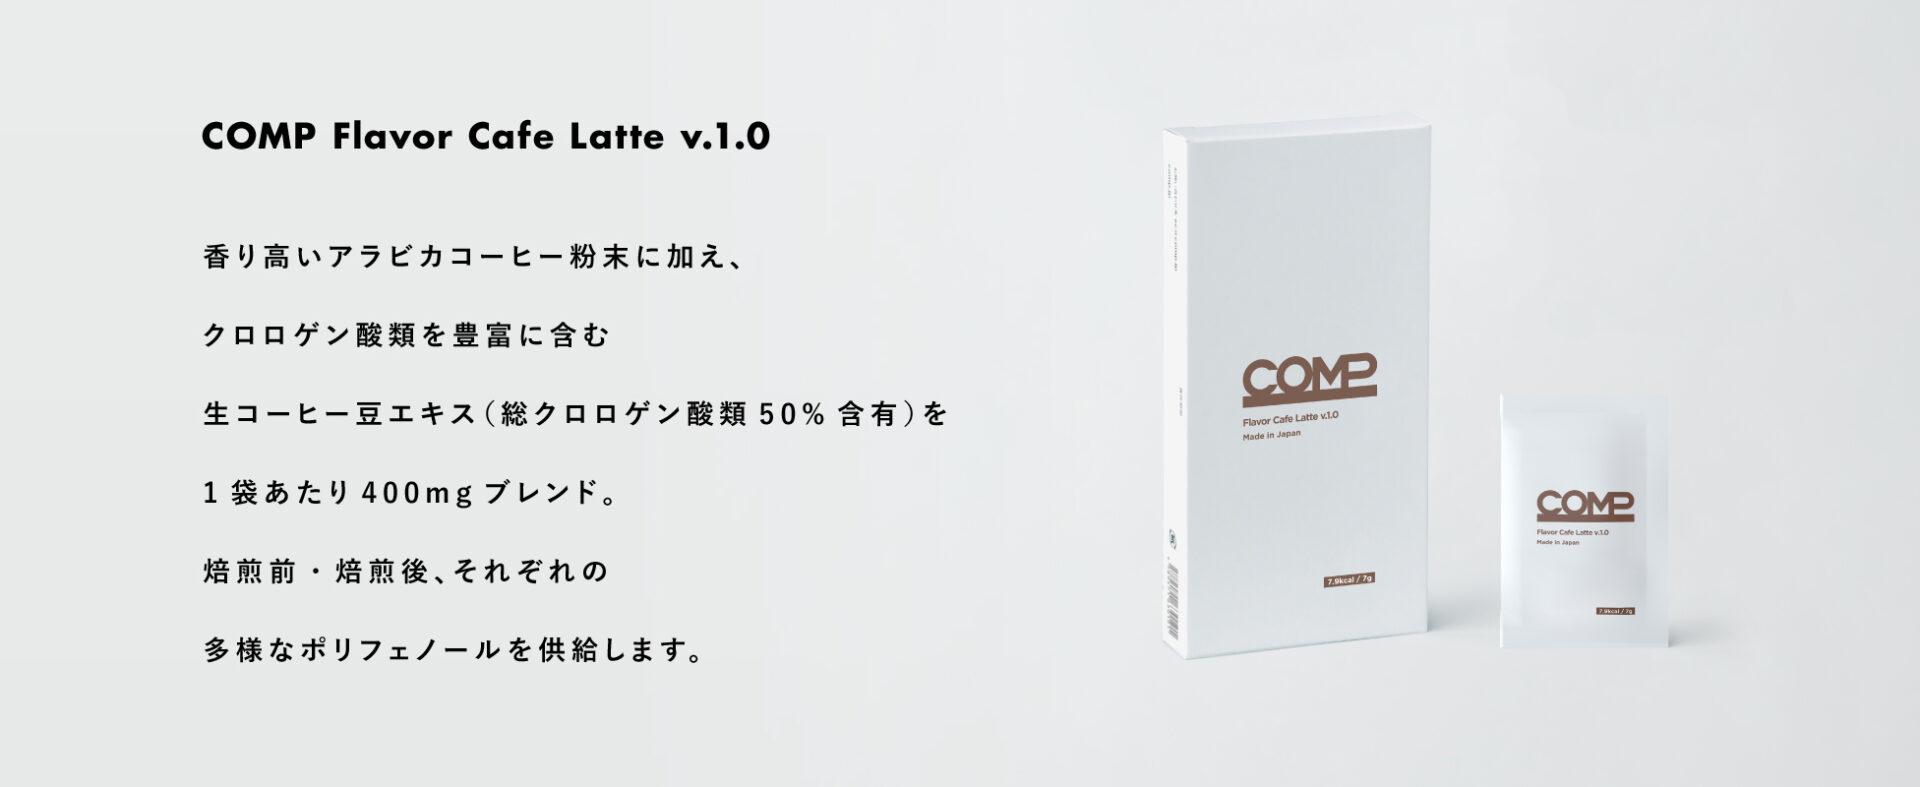 COMP Flavor(コンプフレーバー)_4つの風味_カフェラテ風味公式サイト説明